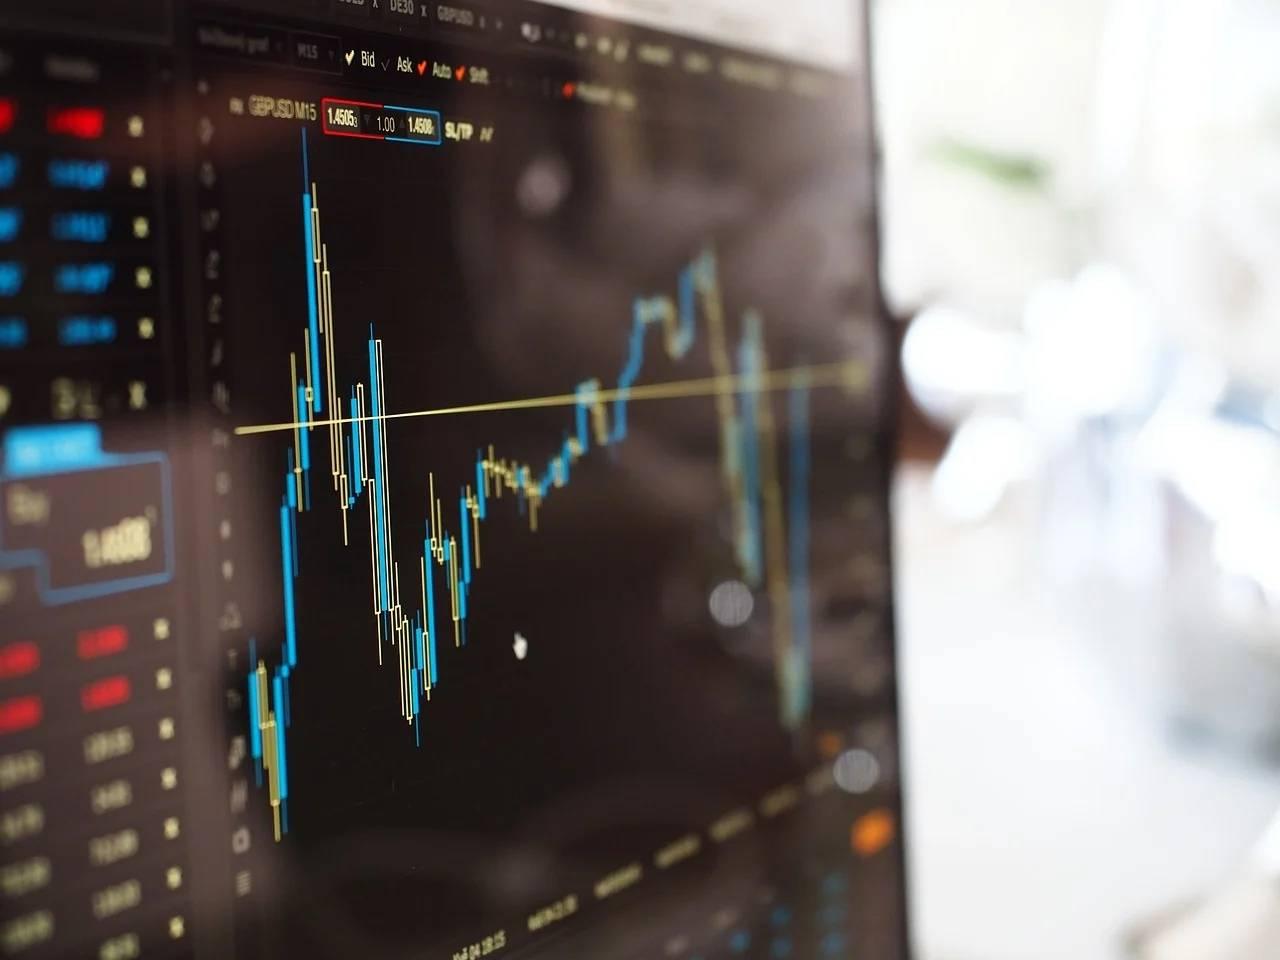 银行股市值暴增两千亿?银行股究竟发生了什么?为啥突然暴涨?